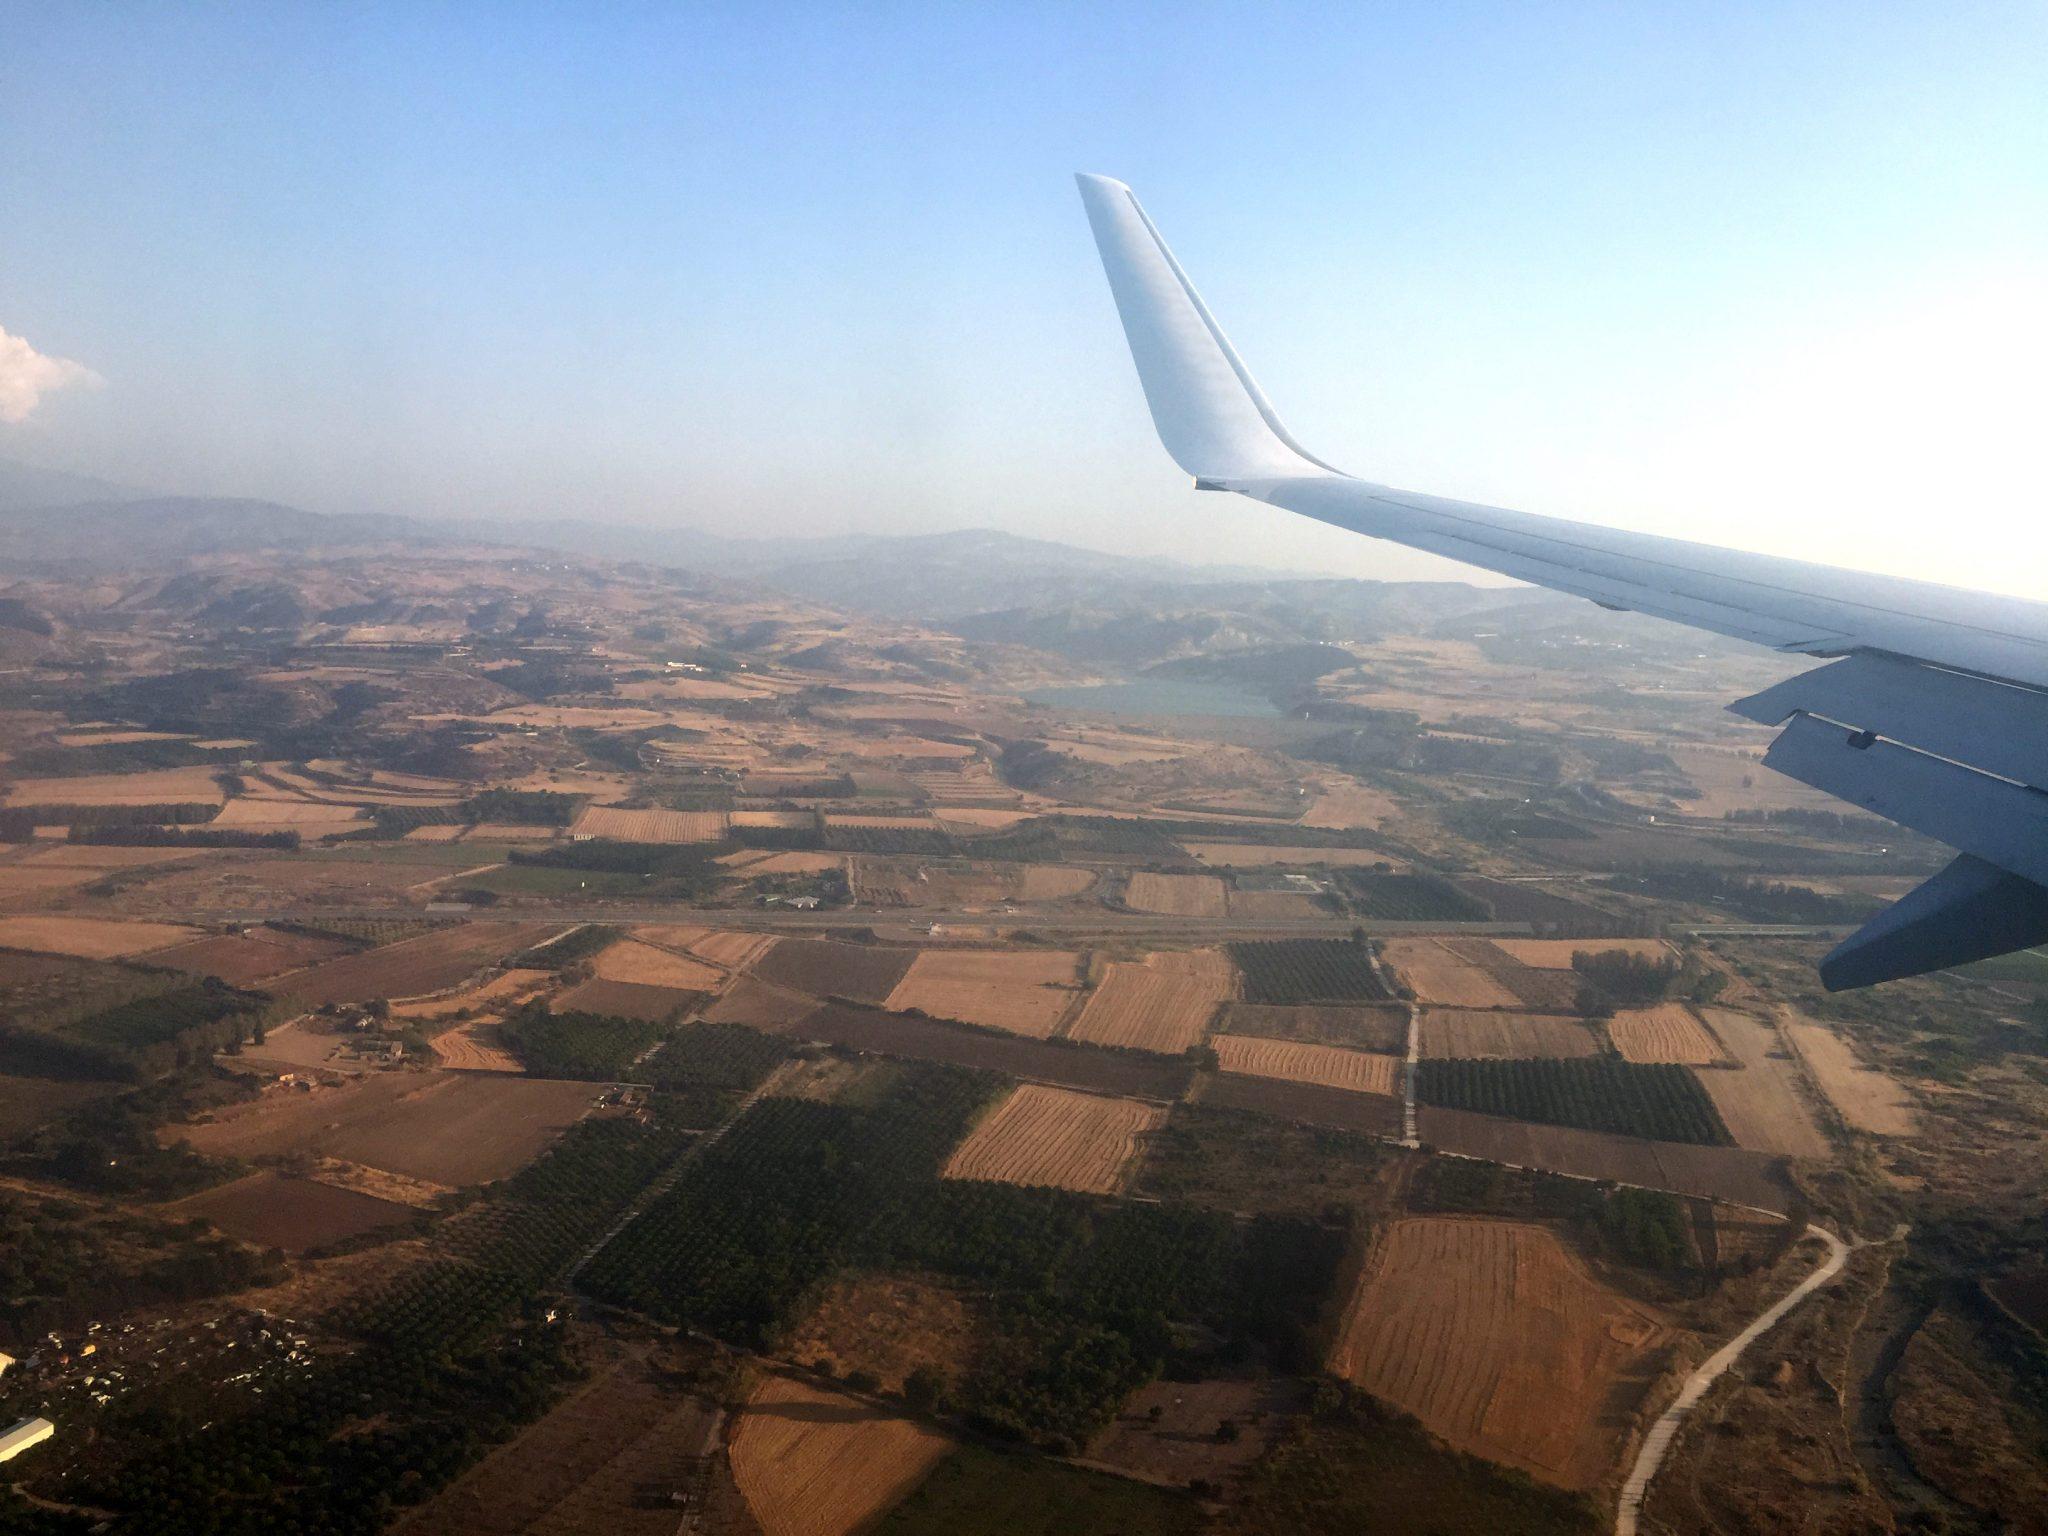 Zypern, Wanderreise, Wanderung, Wandern, Wandern auf Zypern, Urlaub, Flüge, Fliegen, Direktflug nach Zypern, Pafos, Paphos, PFO, Akamas, Polis Chrysochous, Ferien